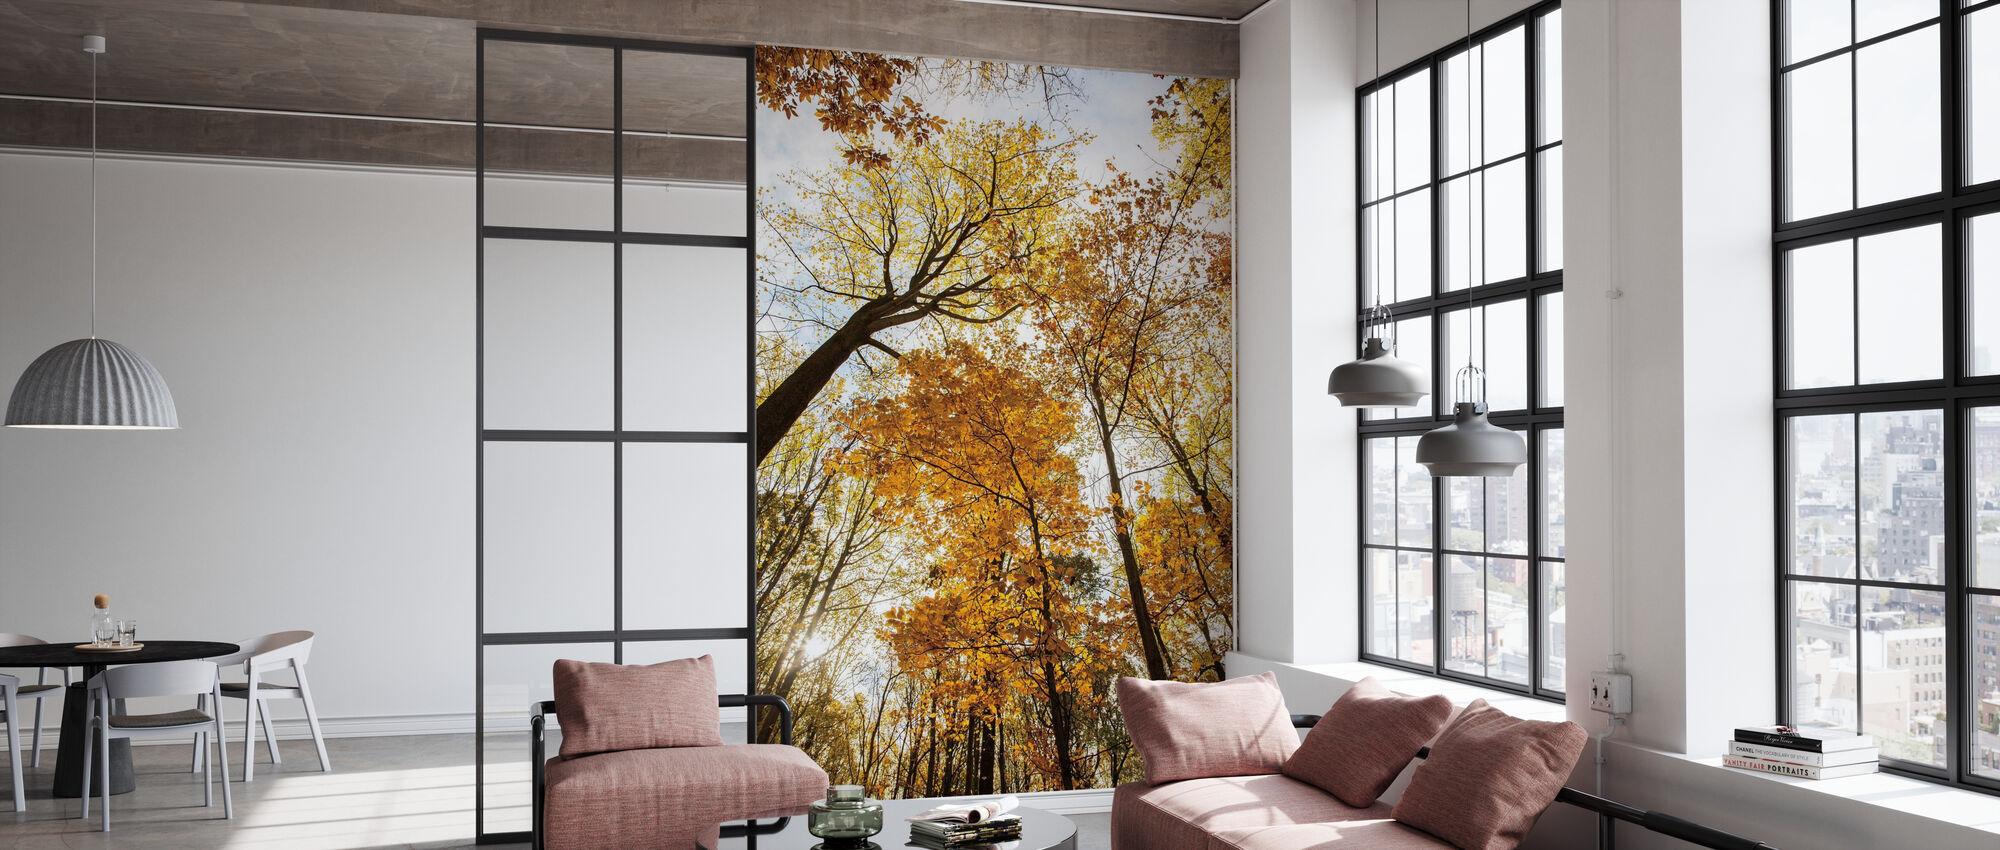 Towering Trees II - Wallpaper - Office